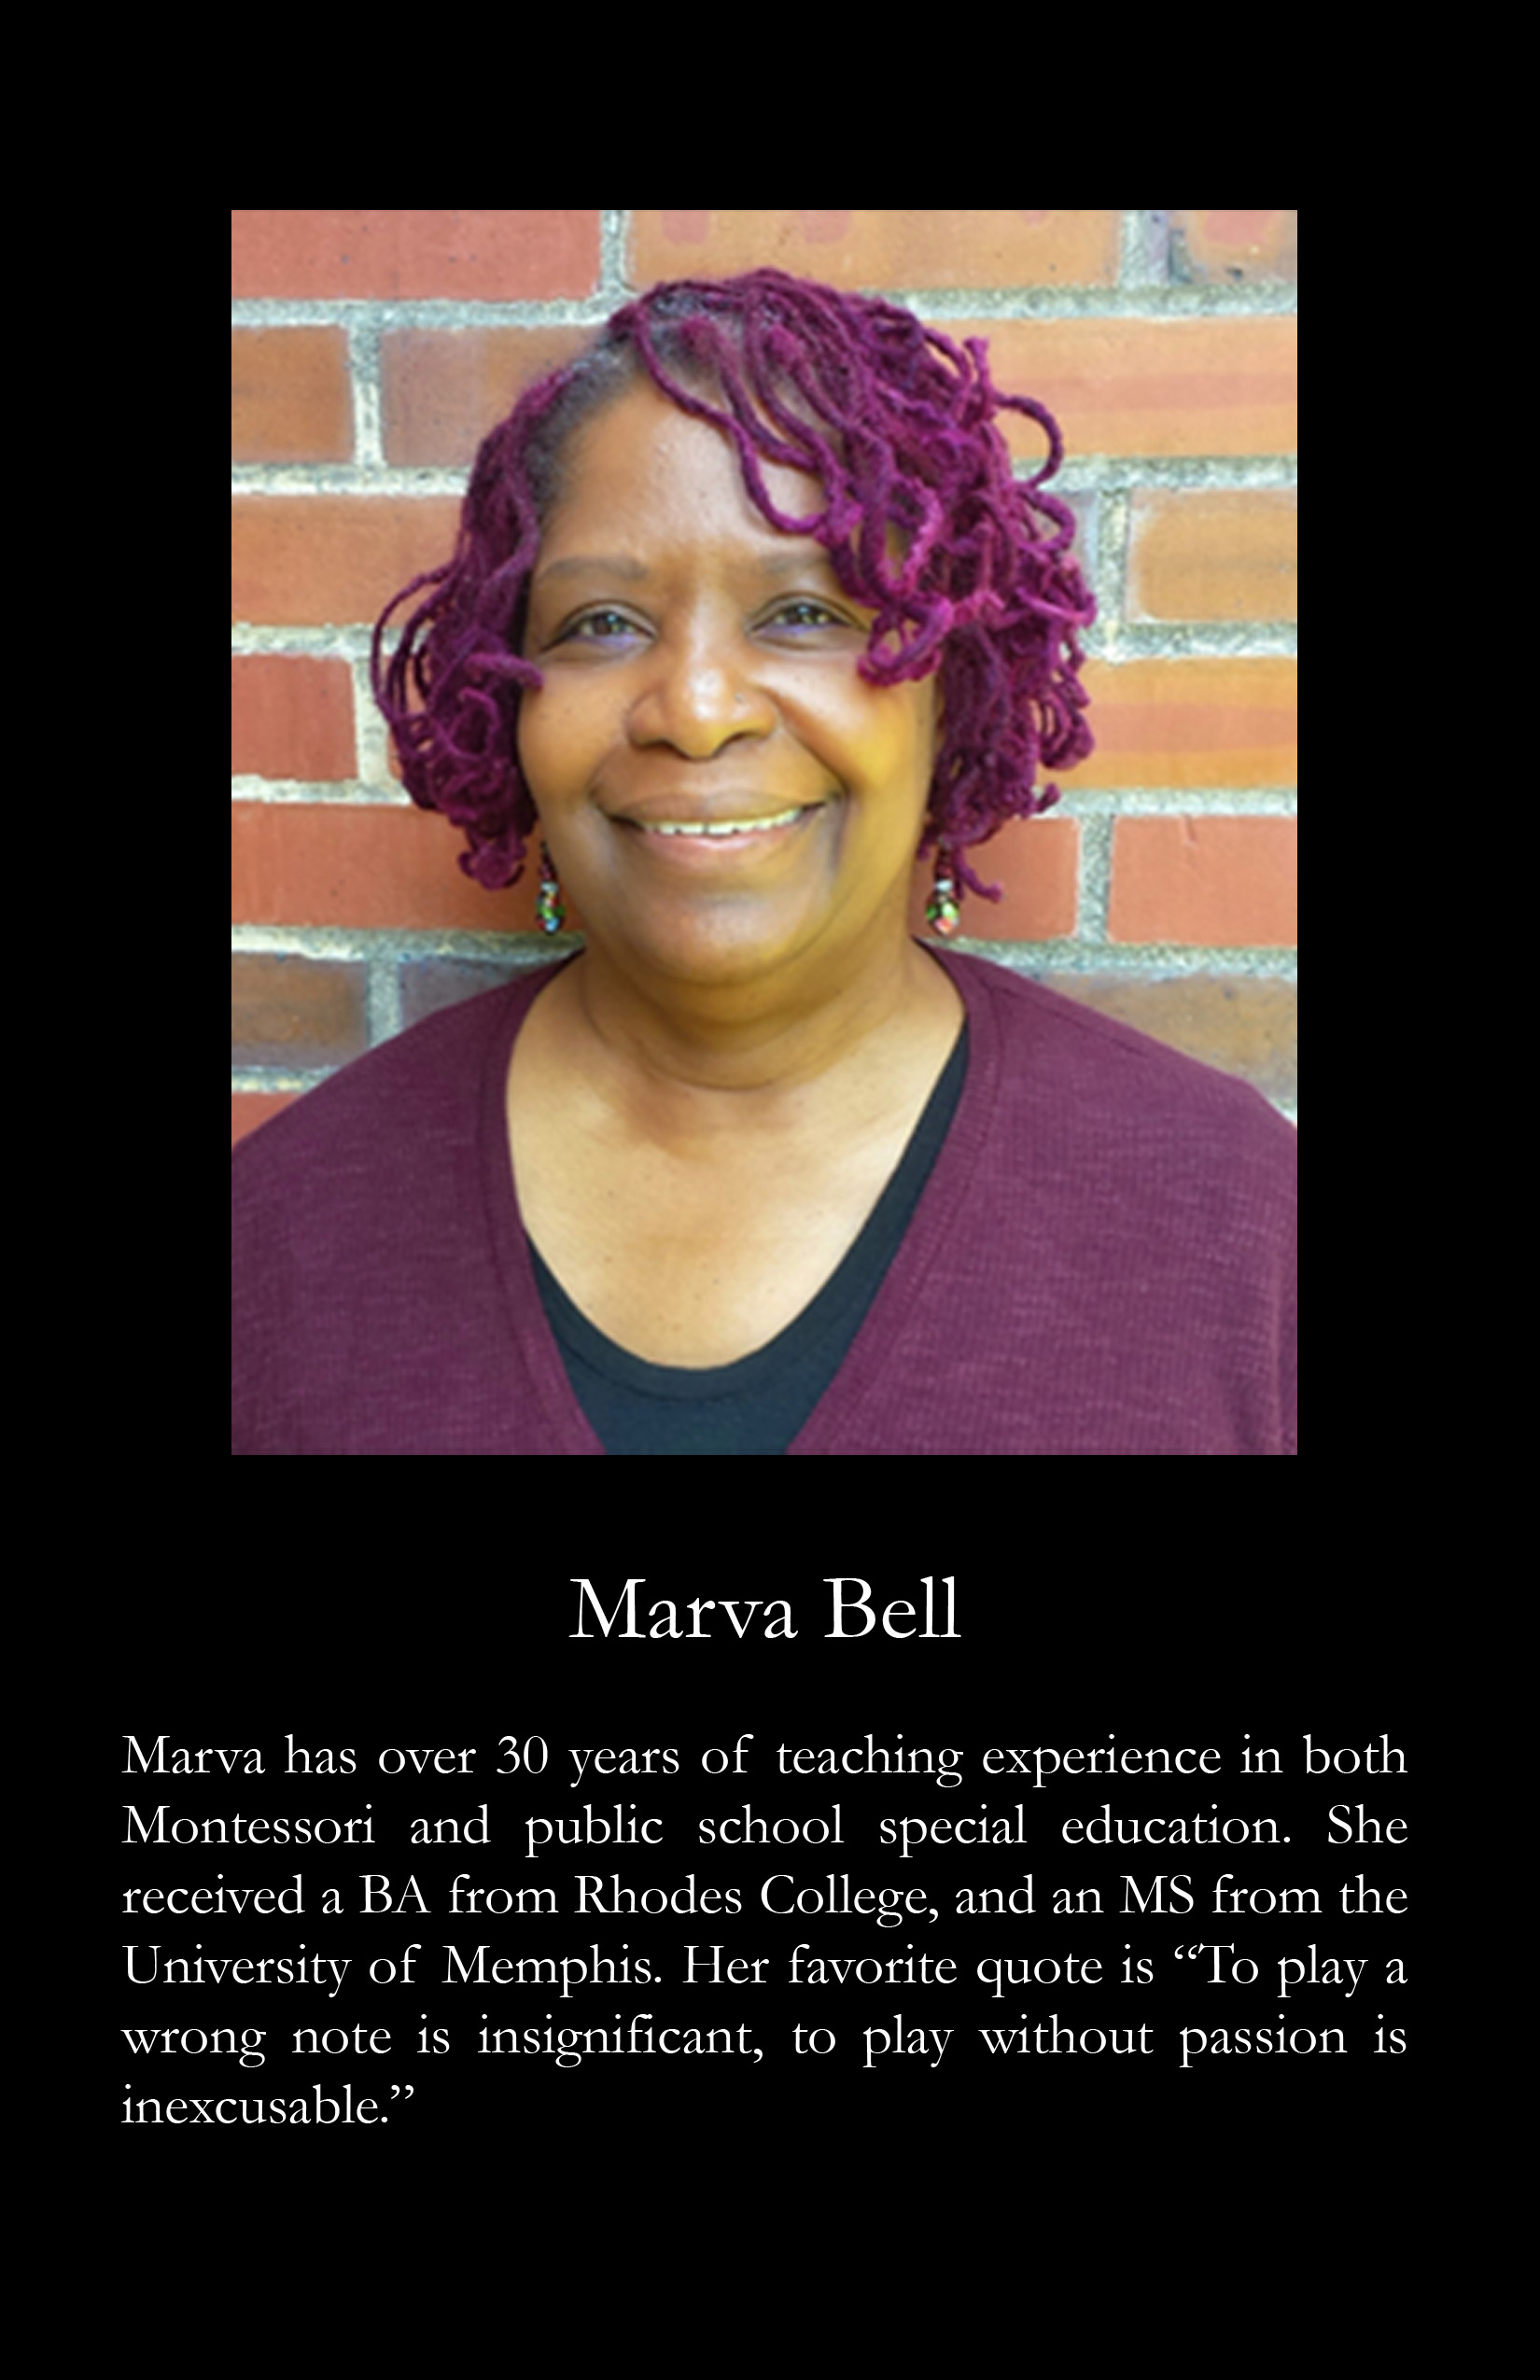 Marva Bell.jpg